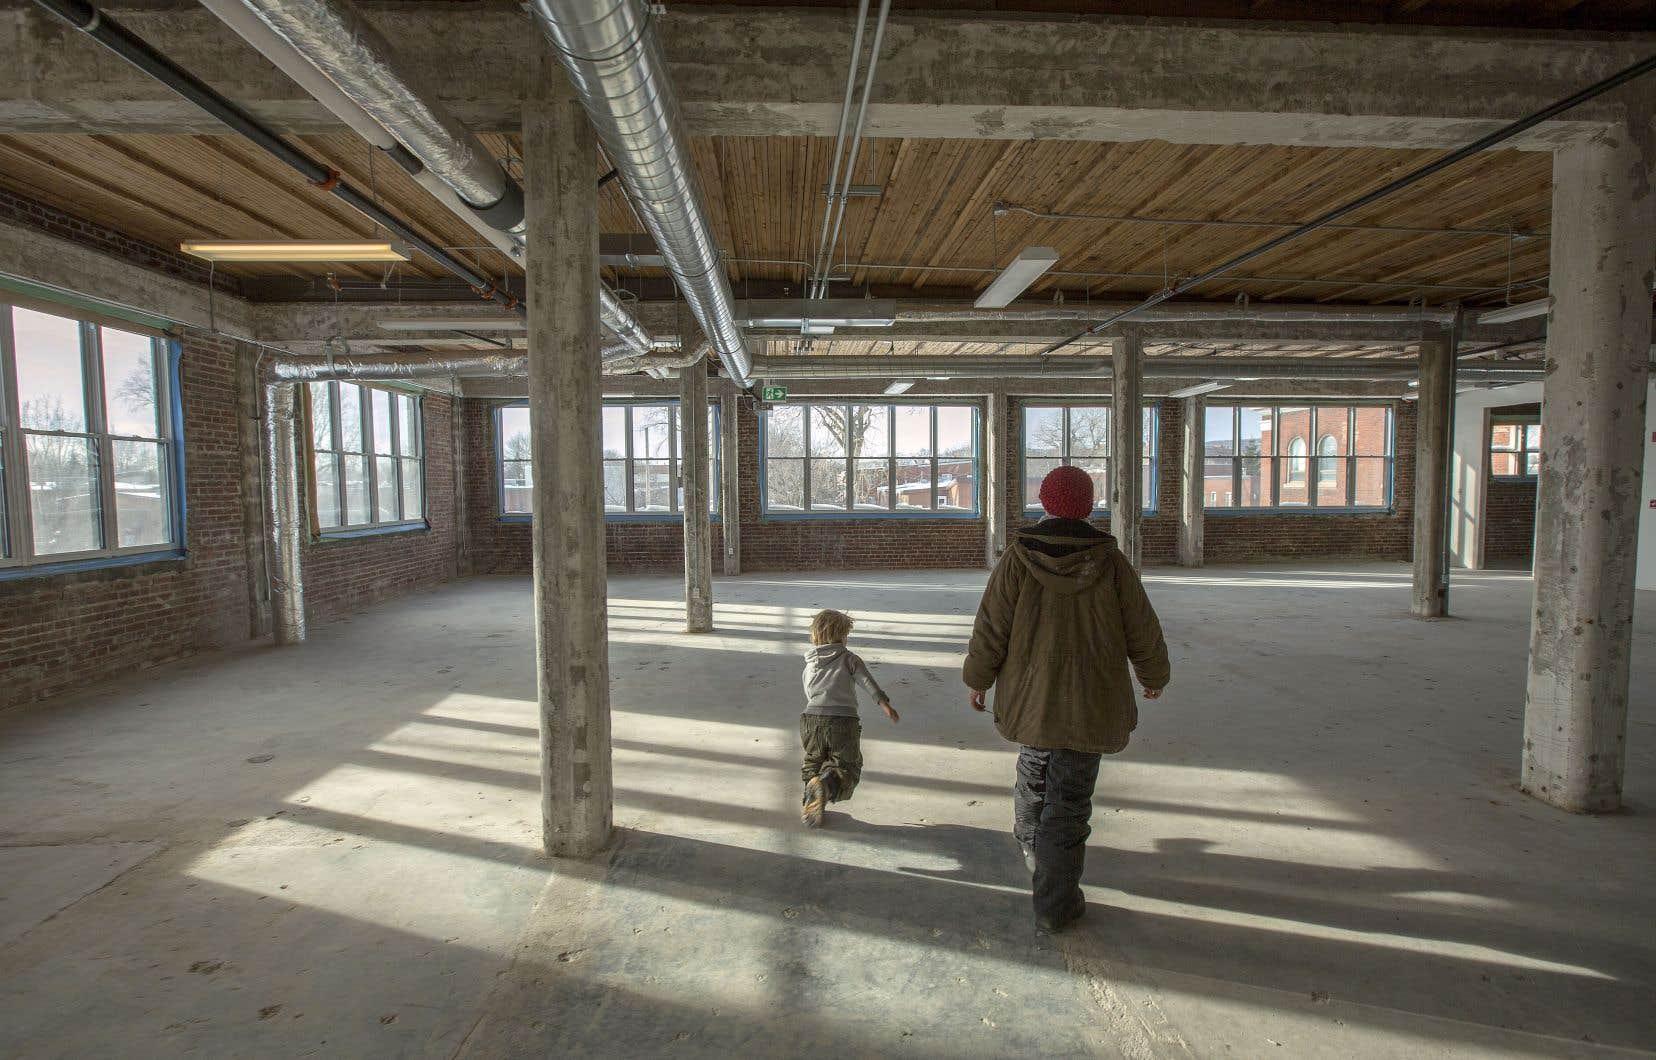 Judith Cayer, chargée de projet et de développement au Collectif 7 à nous, marche à travers les grands espaces du rez-de-chaussée avec son fils. La première phase du projet Bâtiment 7 permet de rénover ce grand édifice industriel largement vitré pour accueillir 13 projets des plus diversifiés.